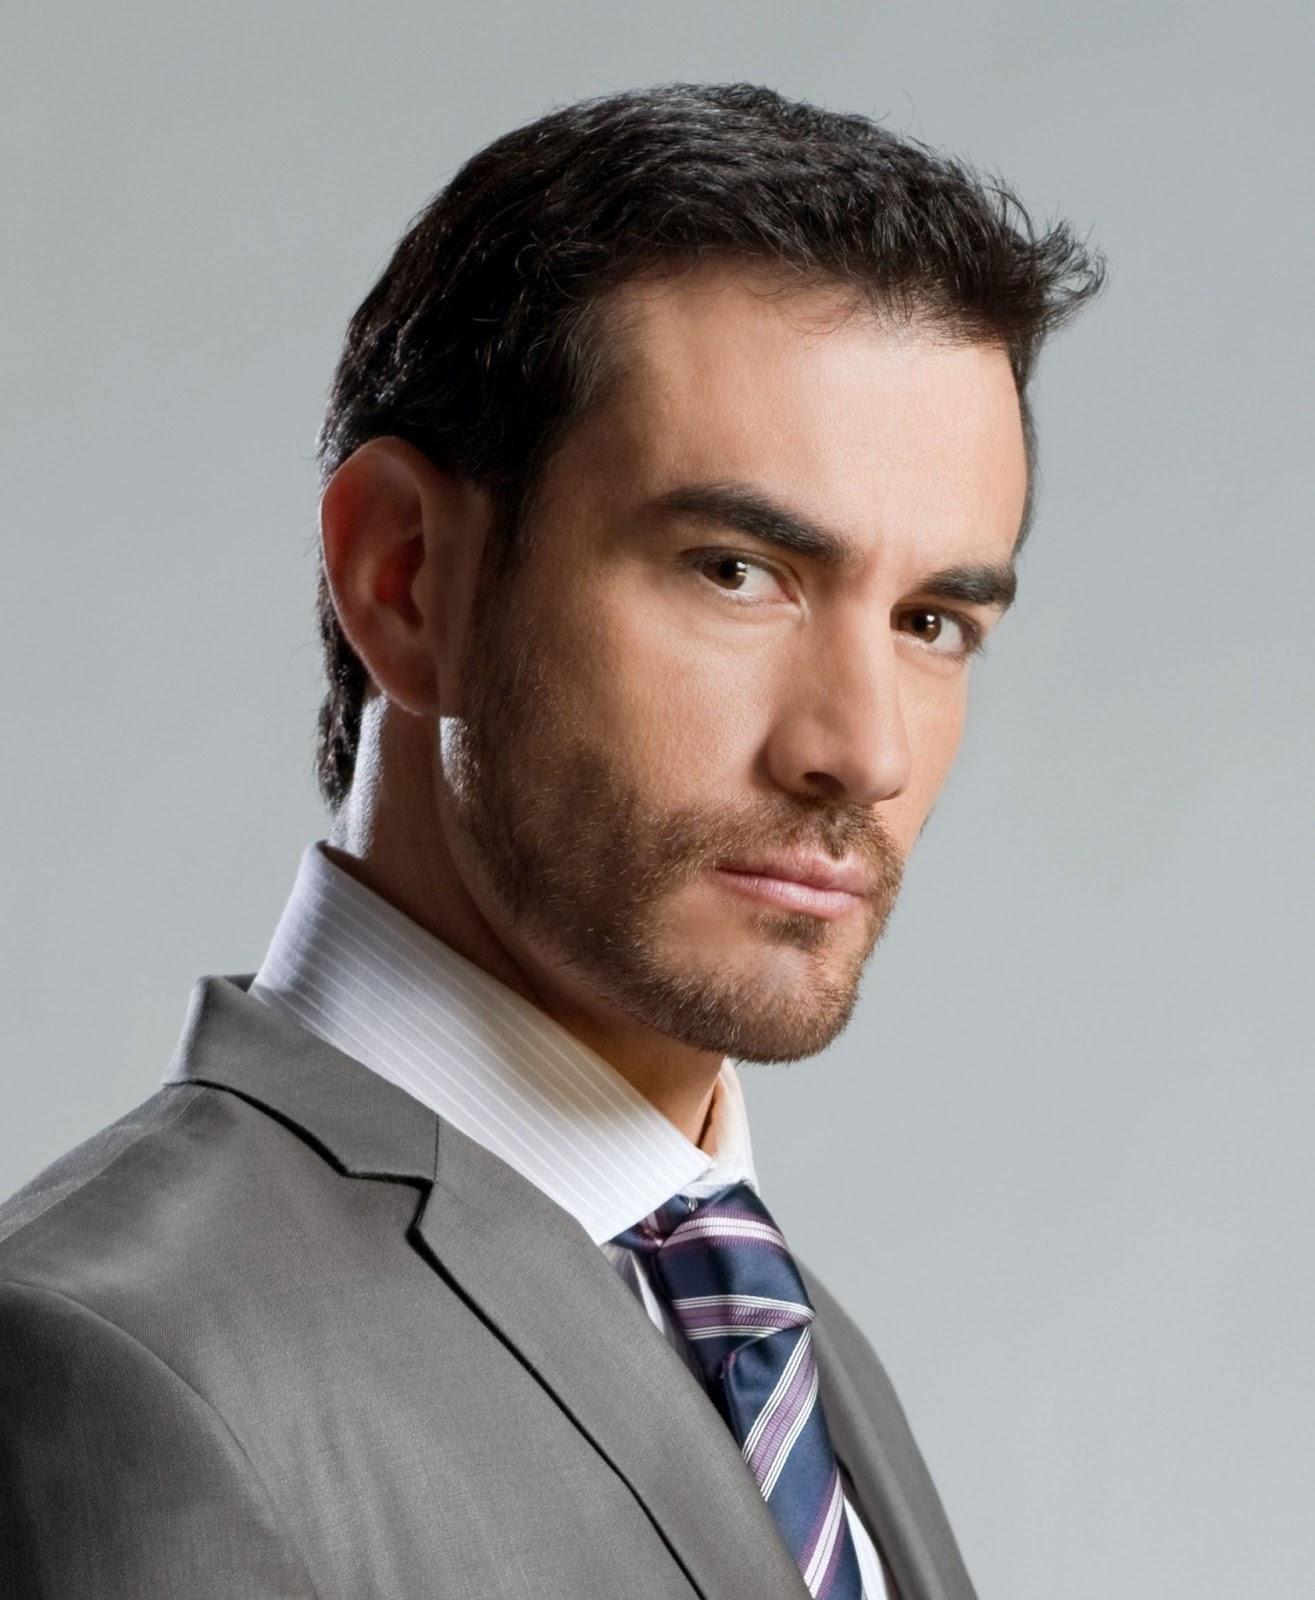 Luis Ricardo Sanchez Ricardo Sánchez-fernández